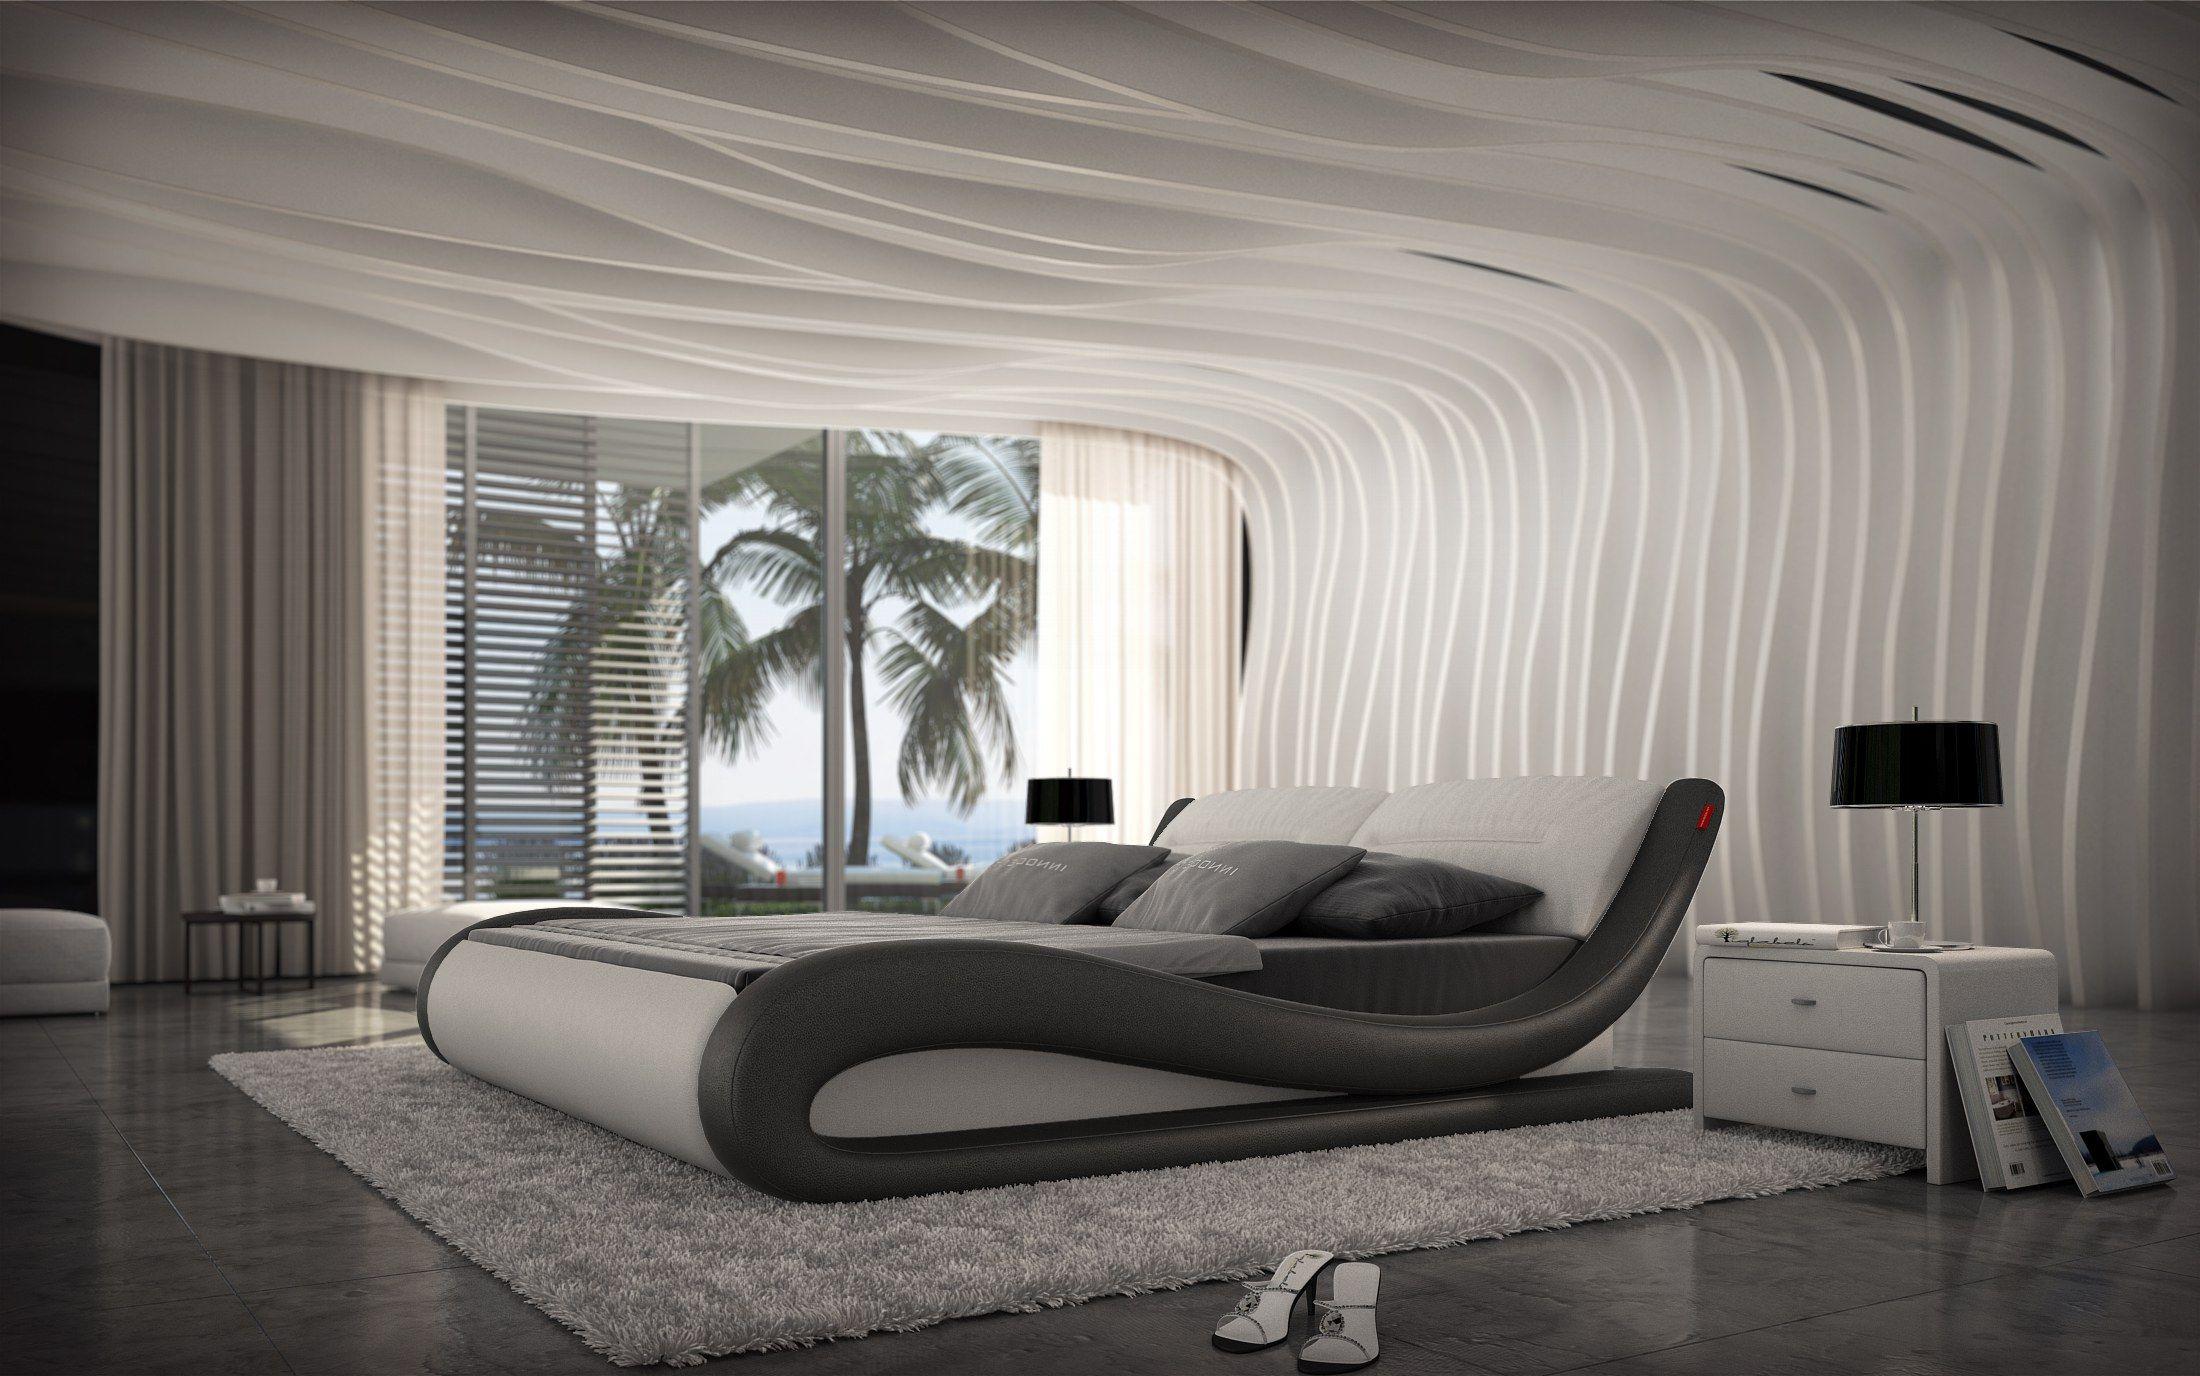 designer schlafzimmer \u2013 Deutsche Dekor 2017 \u2013